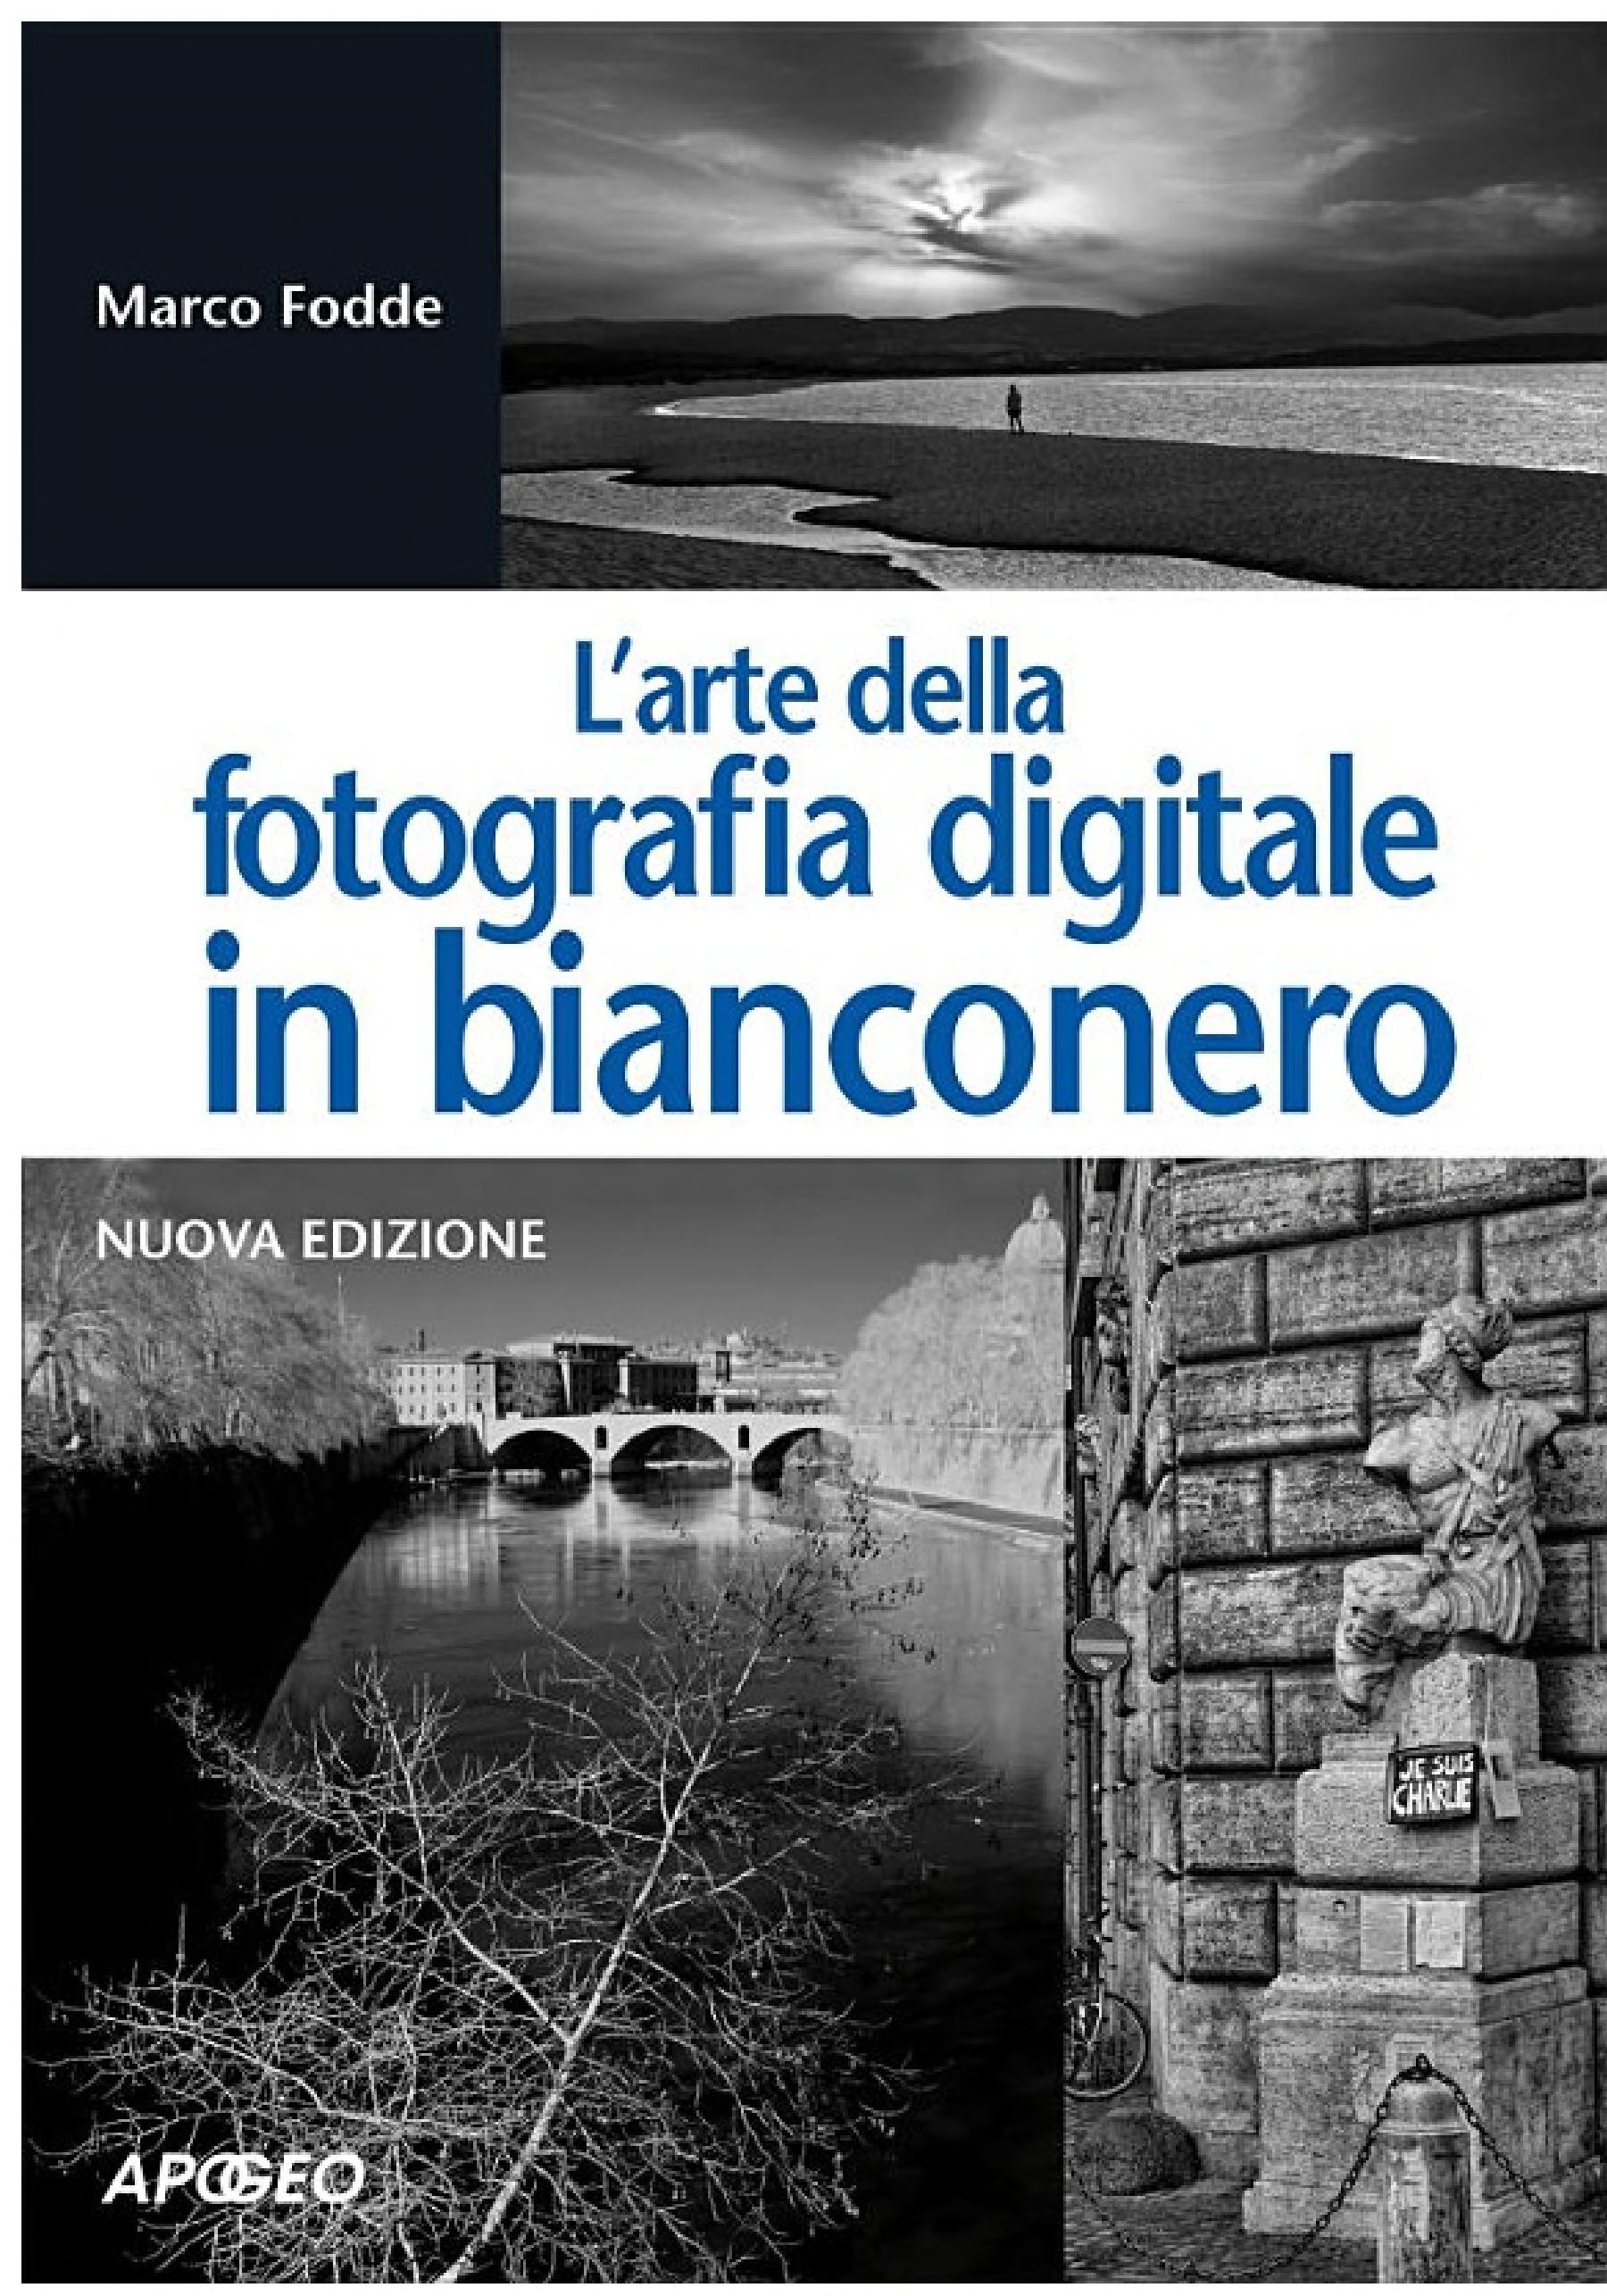 L arte della fotografia digitale in bianconero